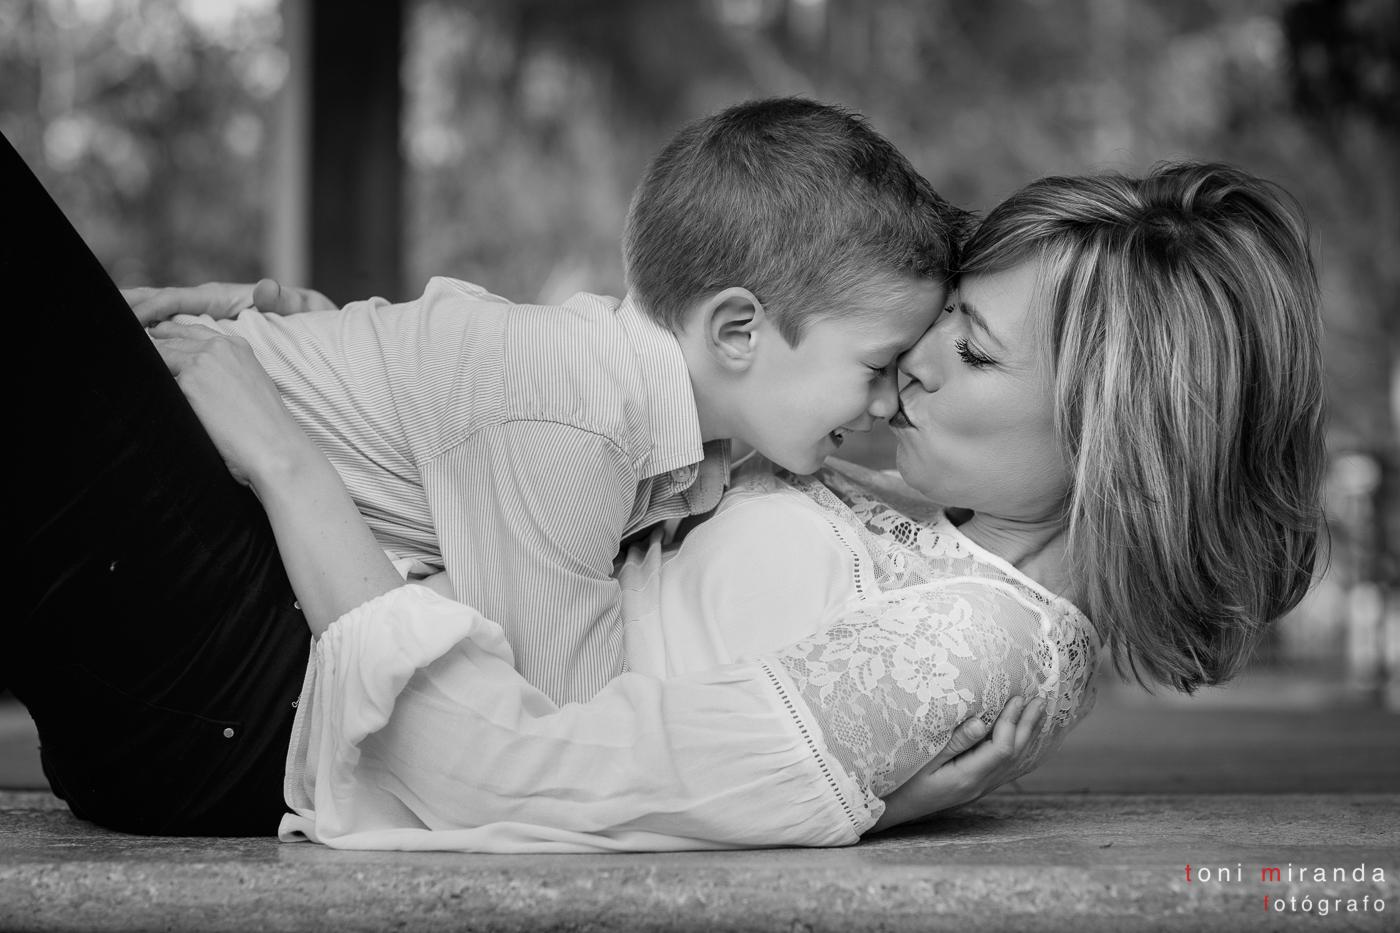 mama besando a hijo en la nariz en parque la glorieta